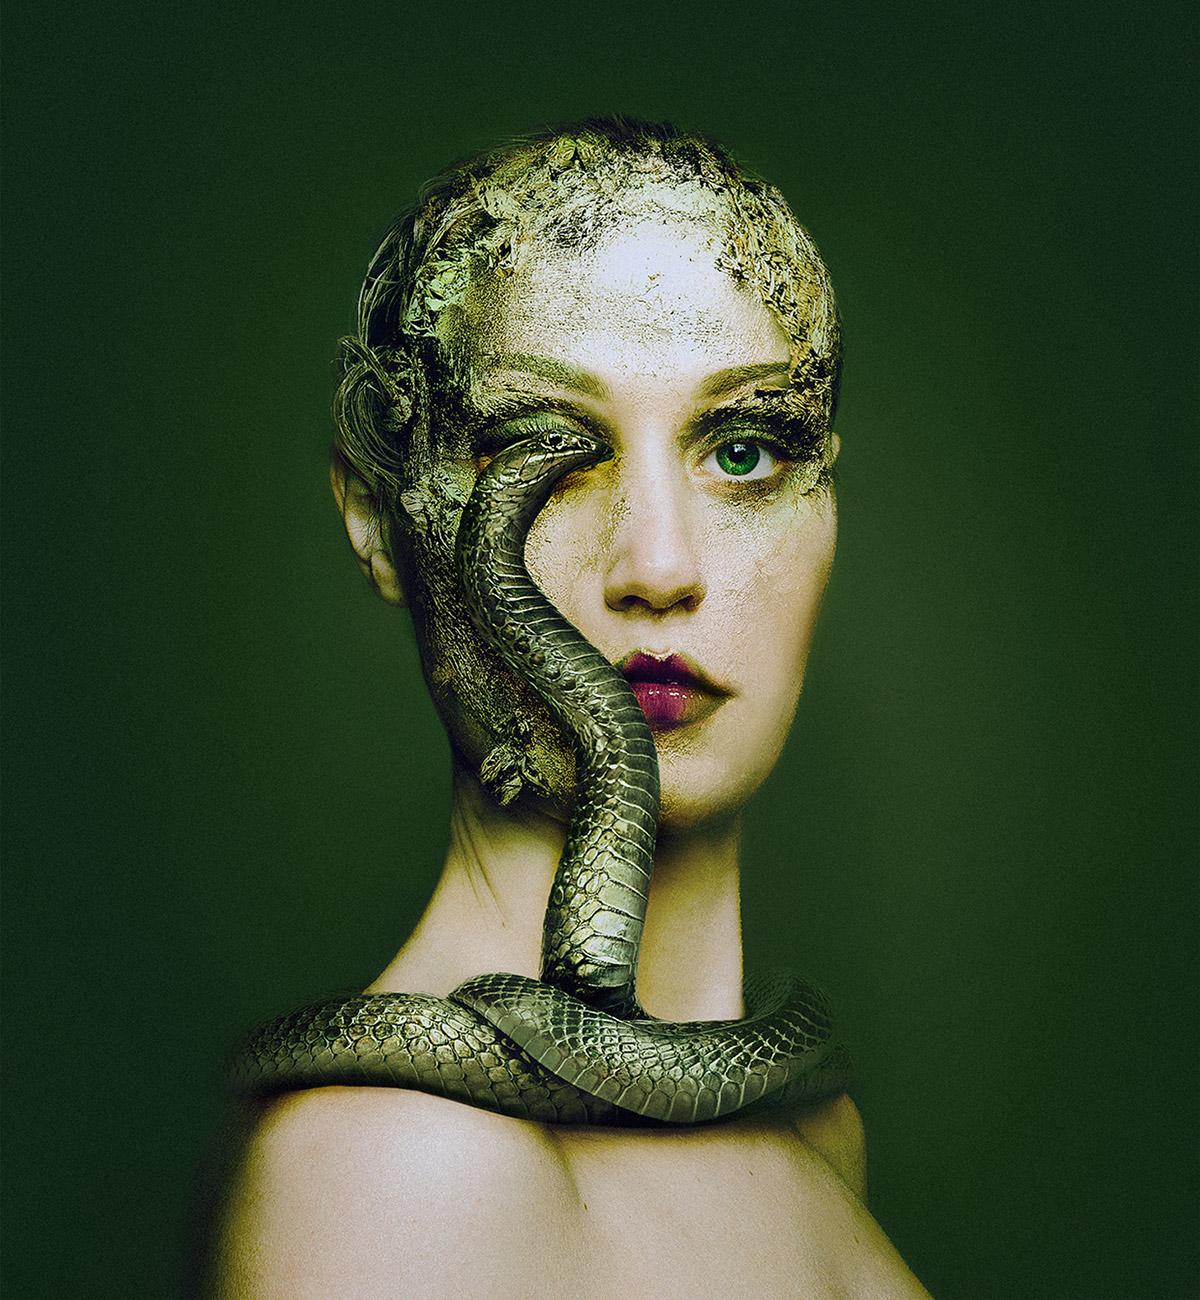 Потрясающие автопортреты Флоры Борси